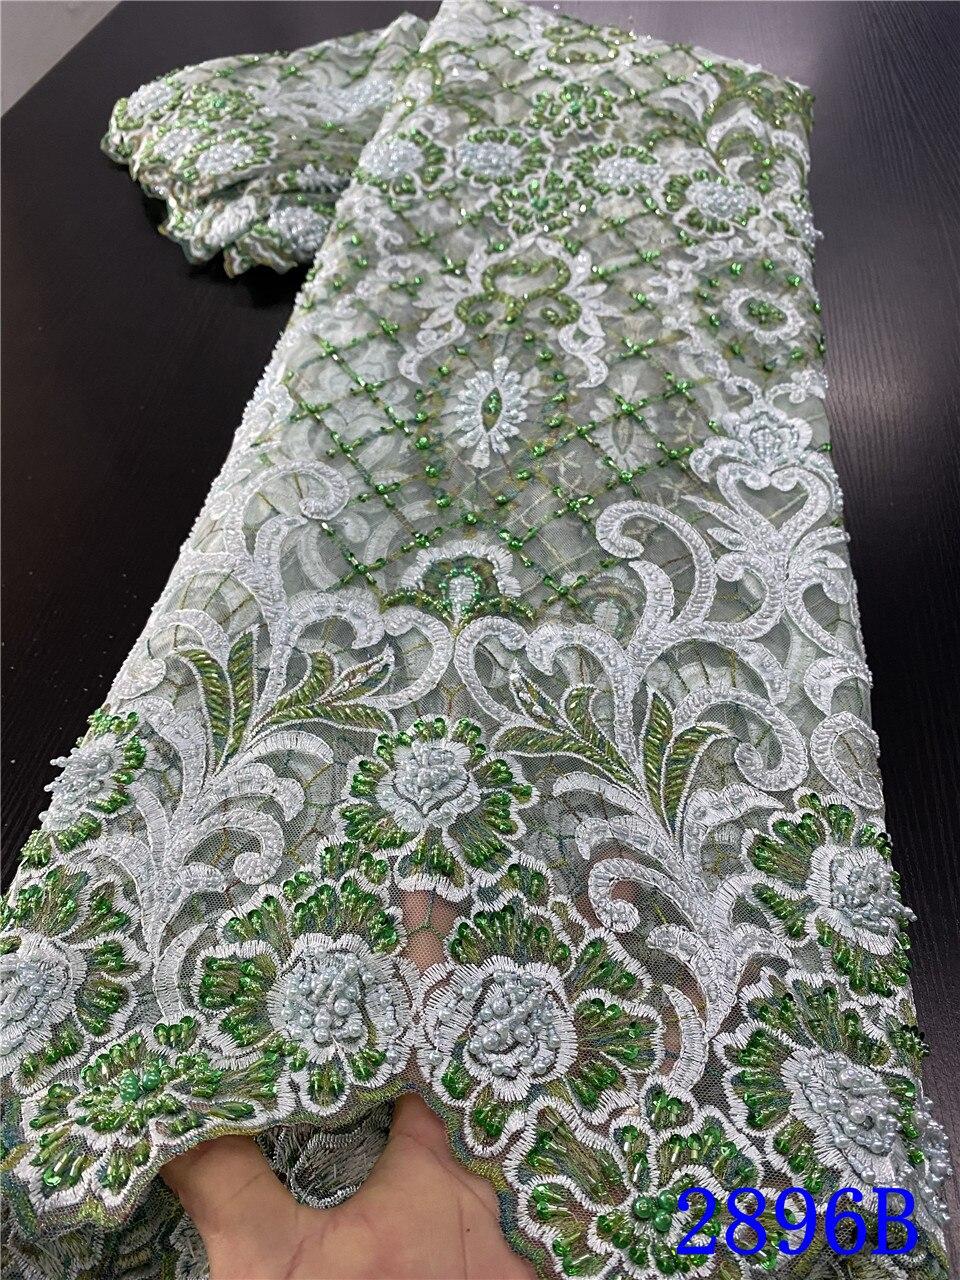 Tela de encaje hecha a mano africana, tejido de encaje con cuentas pesadas, tela de encaje de malla francesa de lujo para materiales nupciales APW2896B